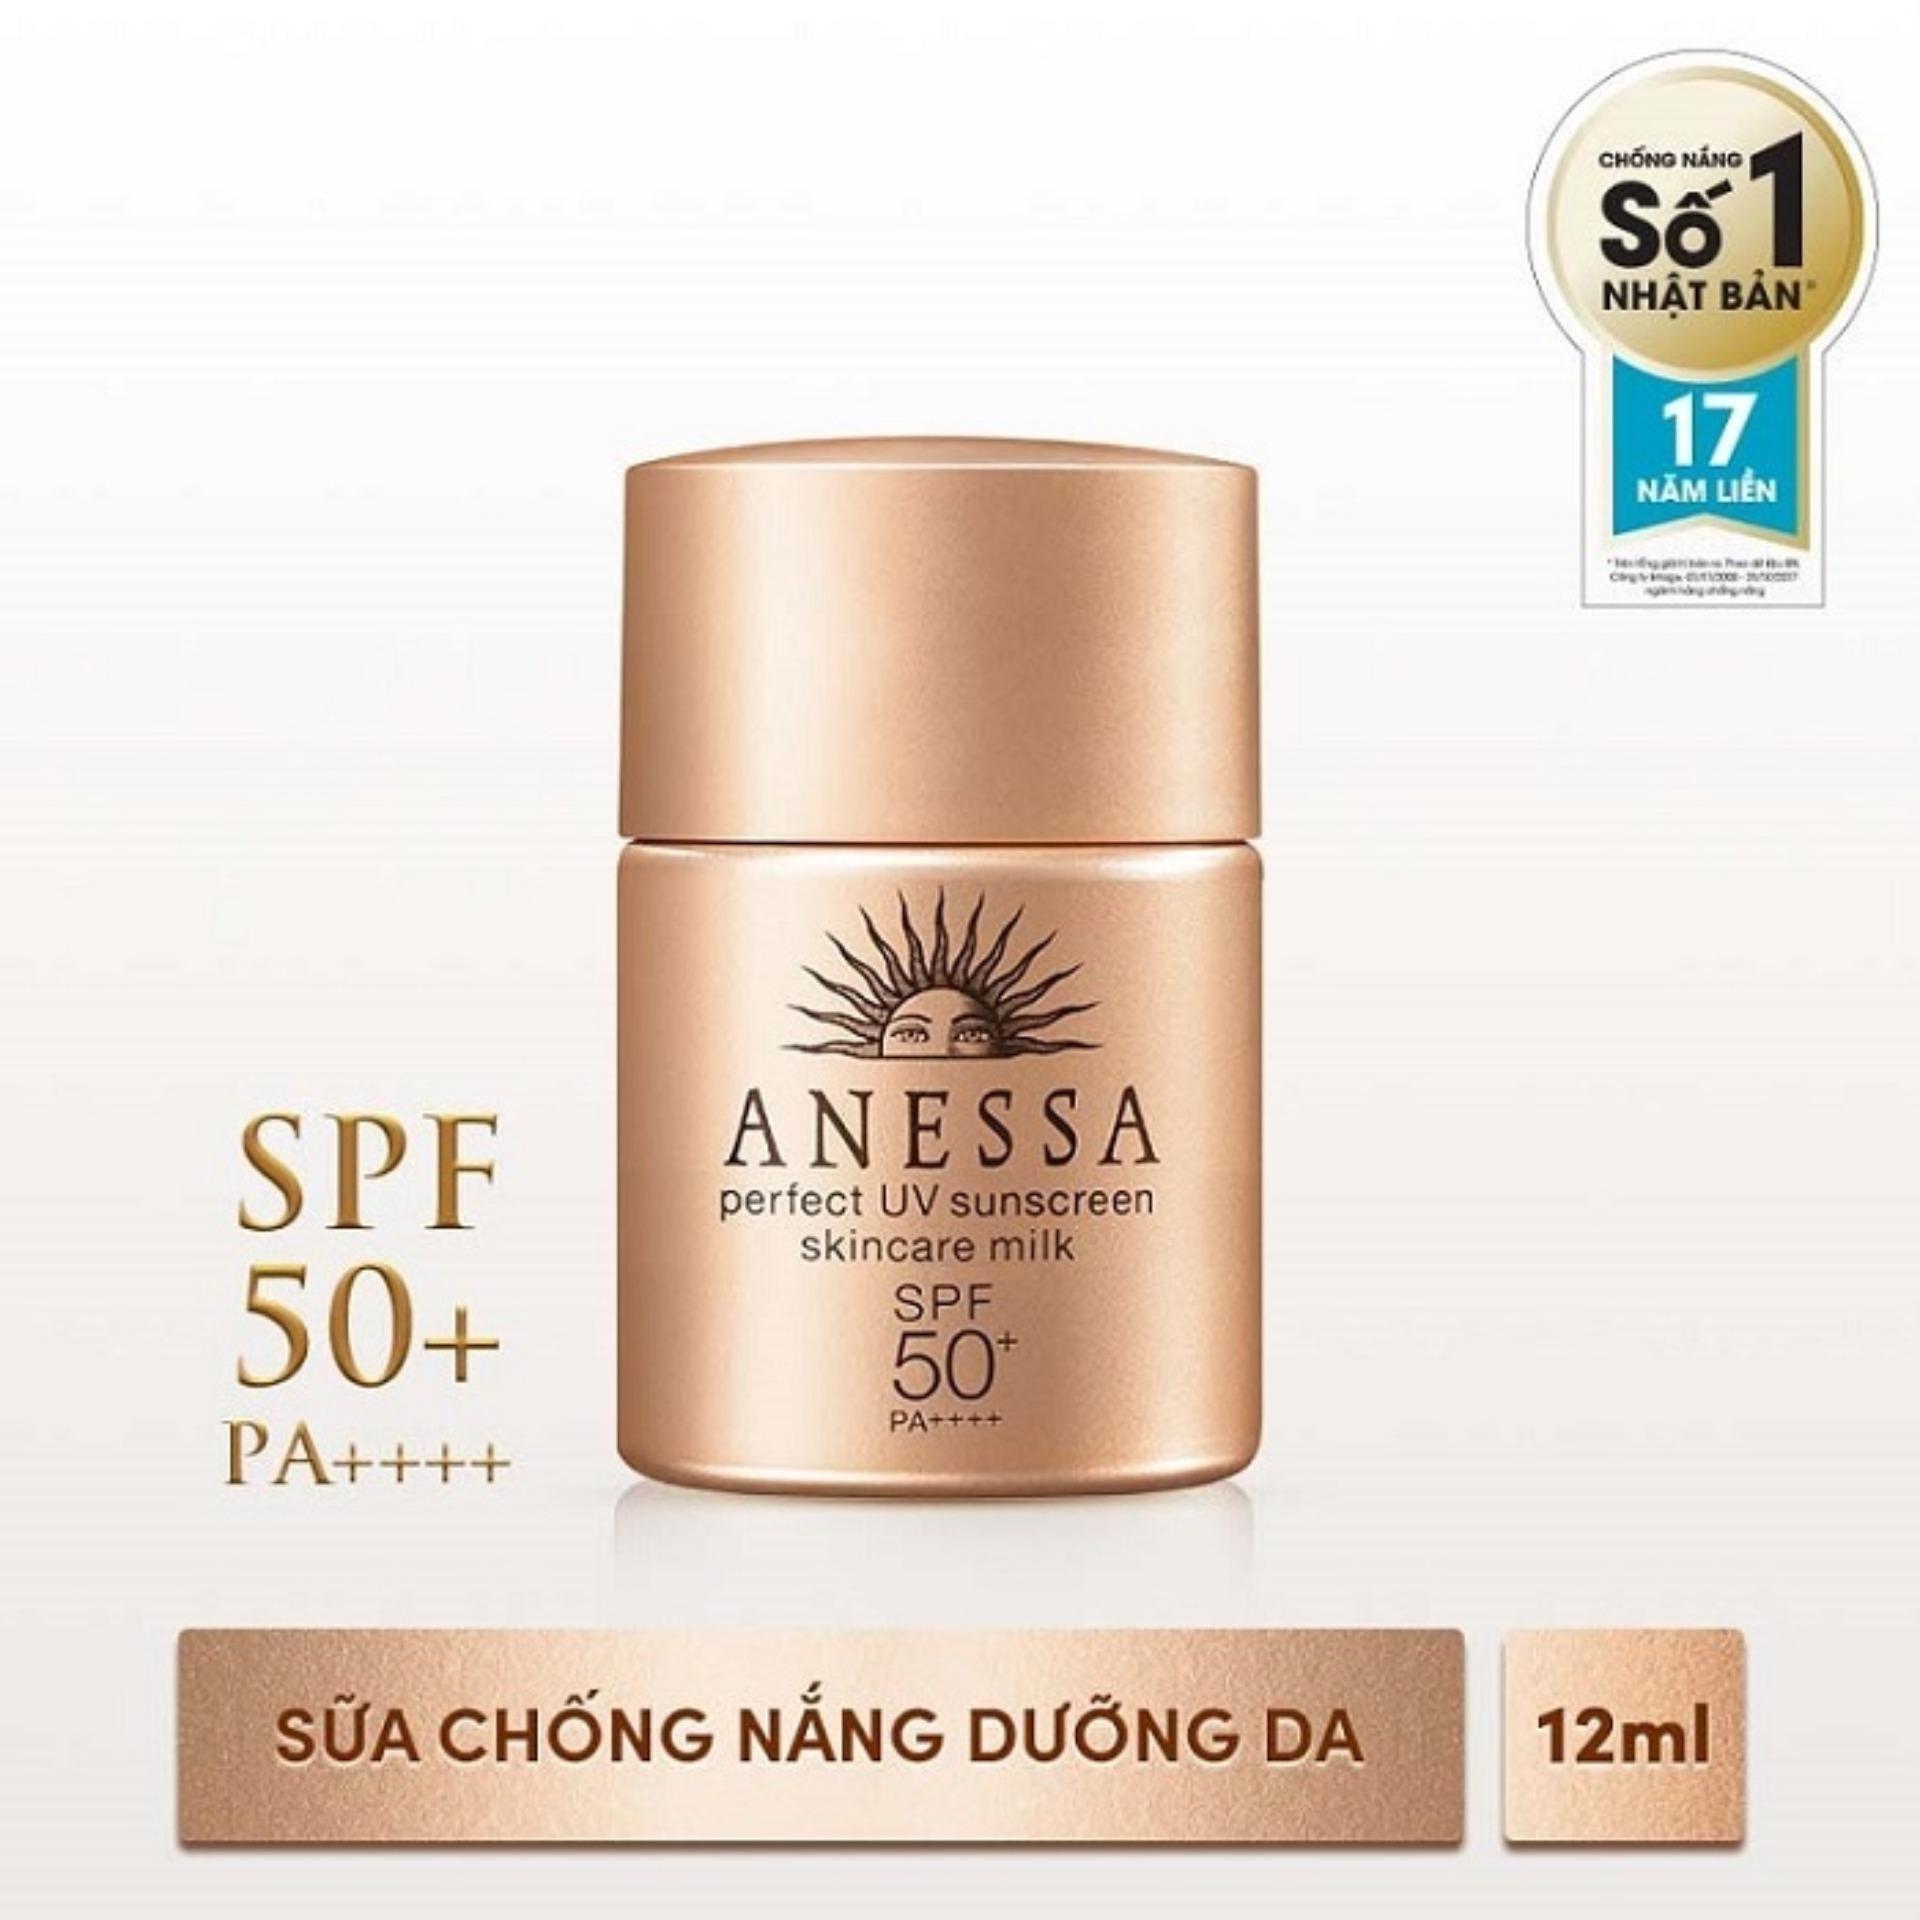 Sữa chống nắng bảo vệ hoàn hảo Anessa Perfect UV Sunscreen Skincare Milk SPF 50+, PA++++ 12ml